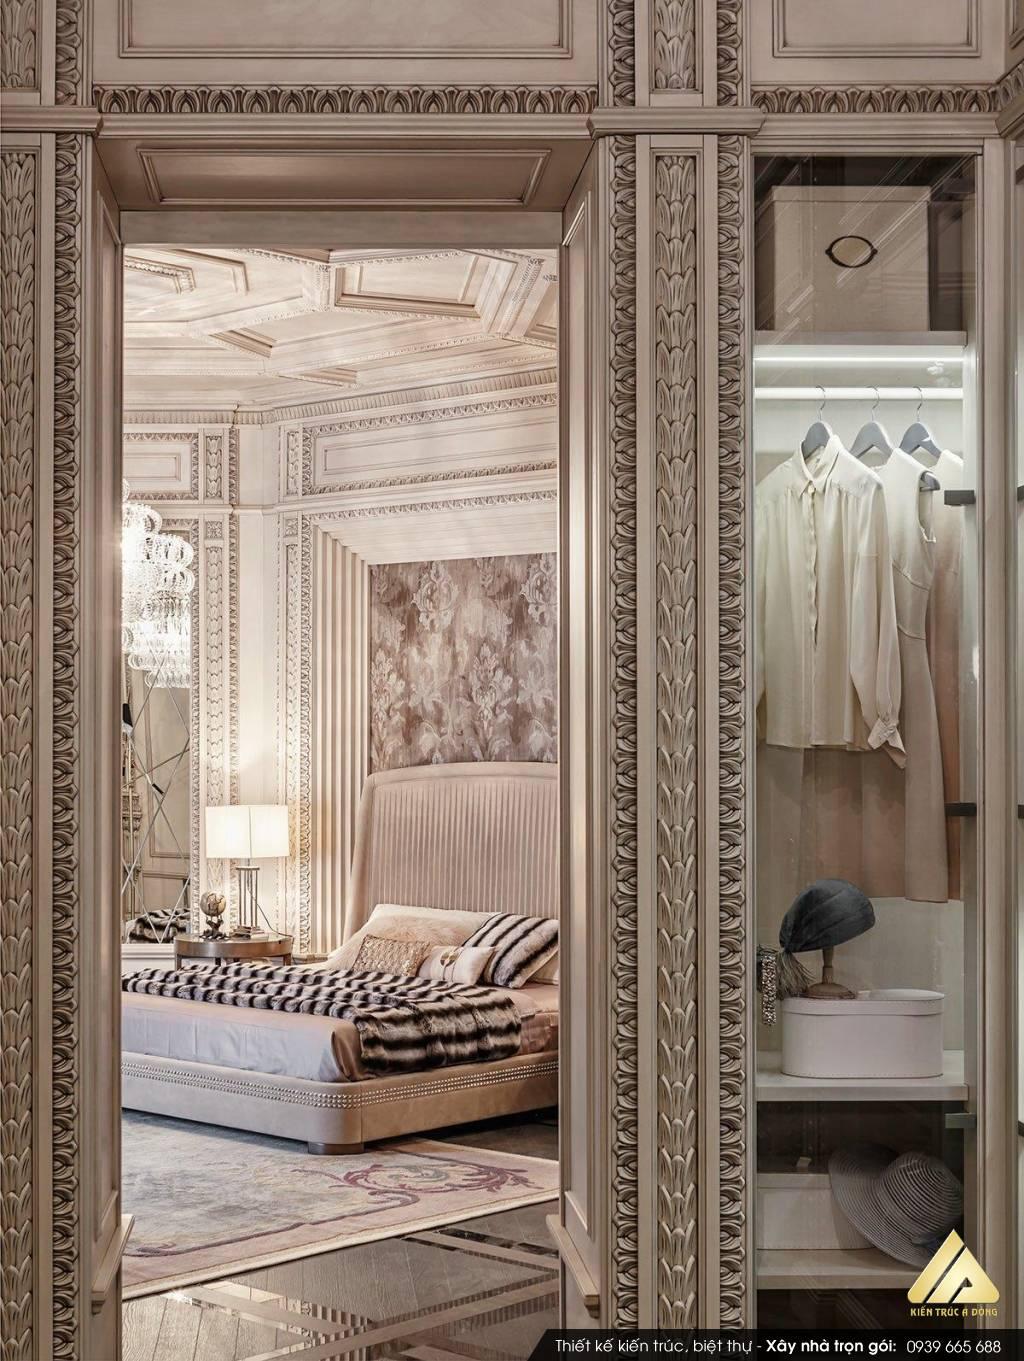 Mẫu nội thất biệt thự đẹp phong cách Châu Âu